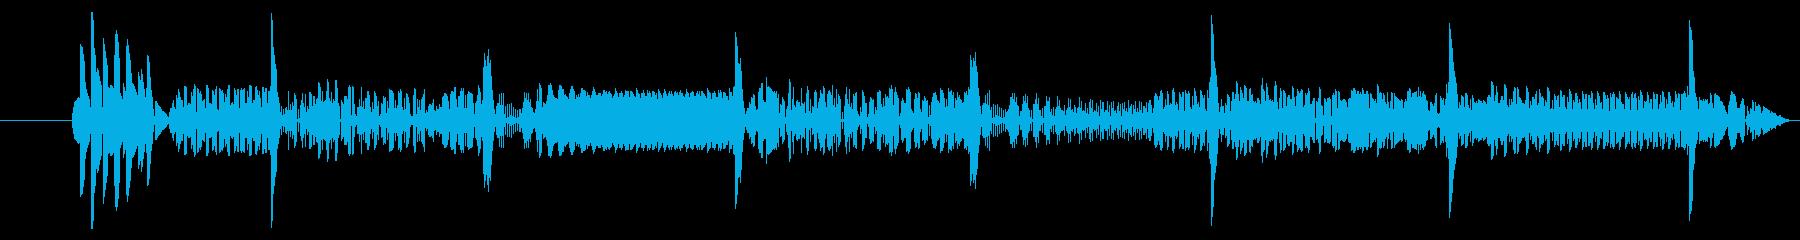 脈動電子オフラインエラーの再生済みの波形